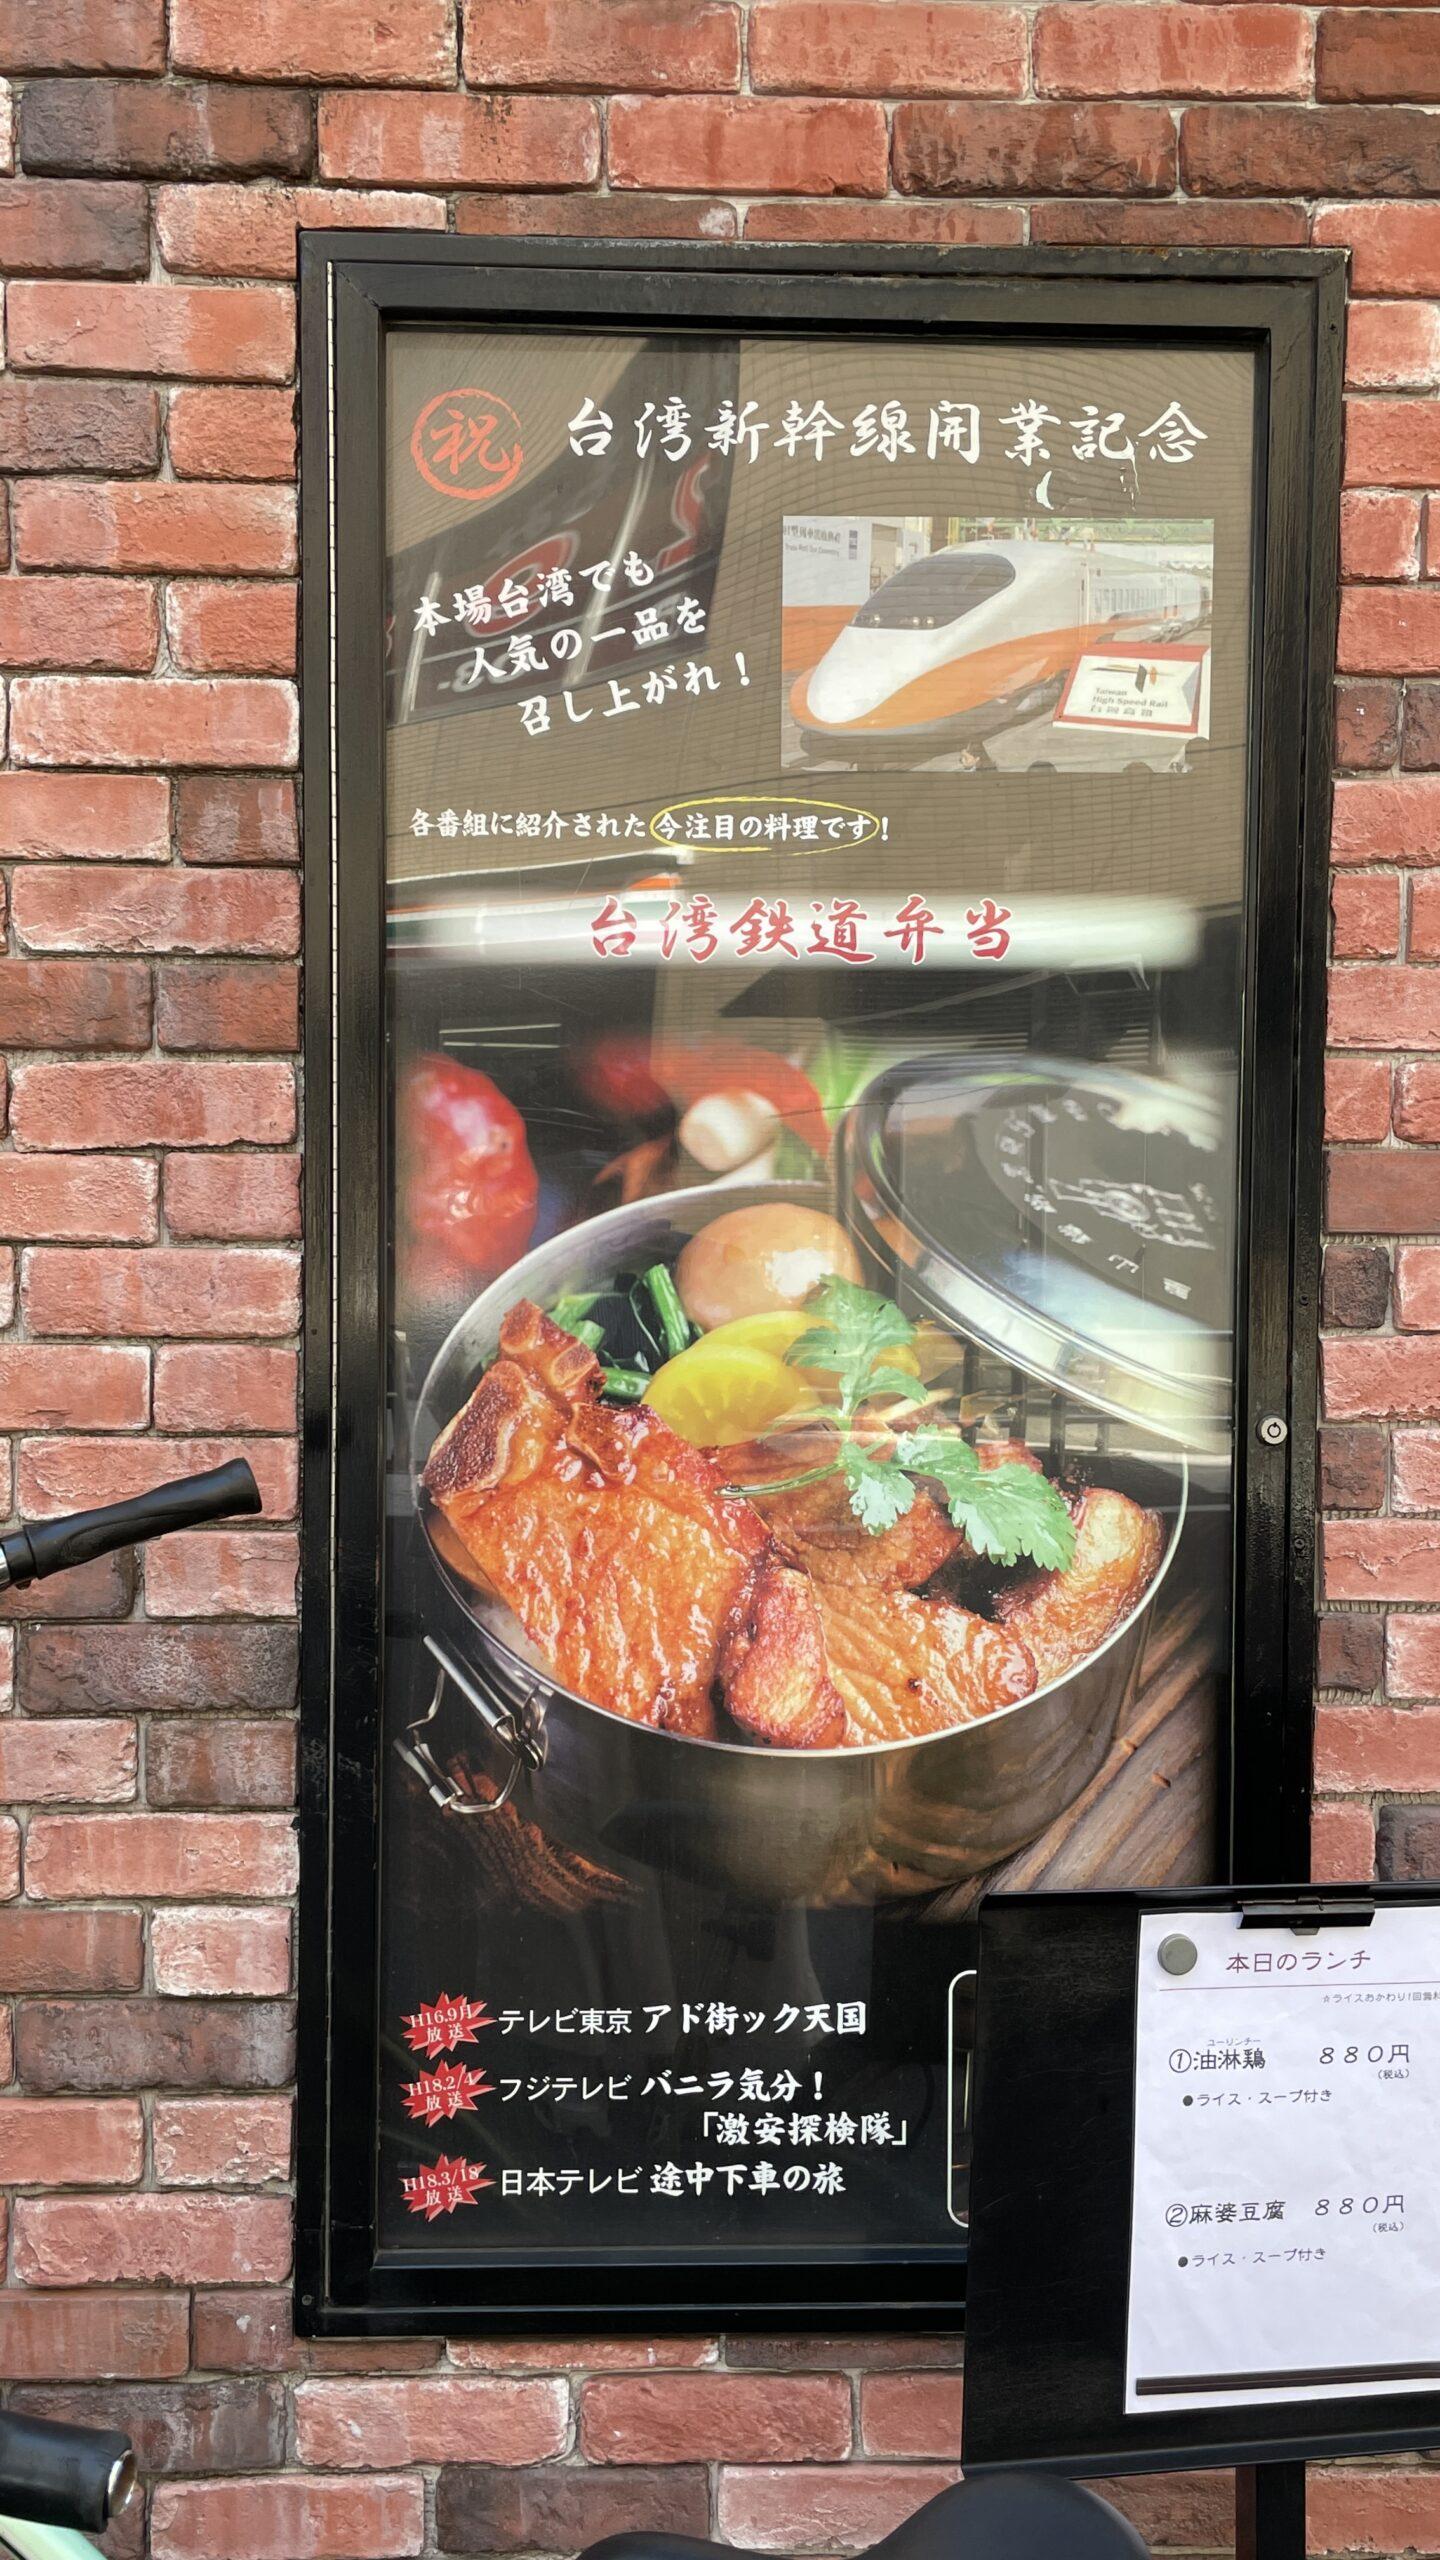 錦糸町 おすすめ ランチ 台湾料理 台湾 taiwan 劉の店 りゅうのみせ 台湾鉄道 弁当 駅弁